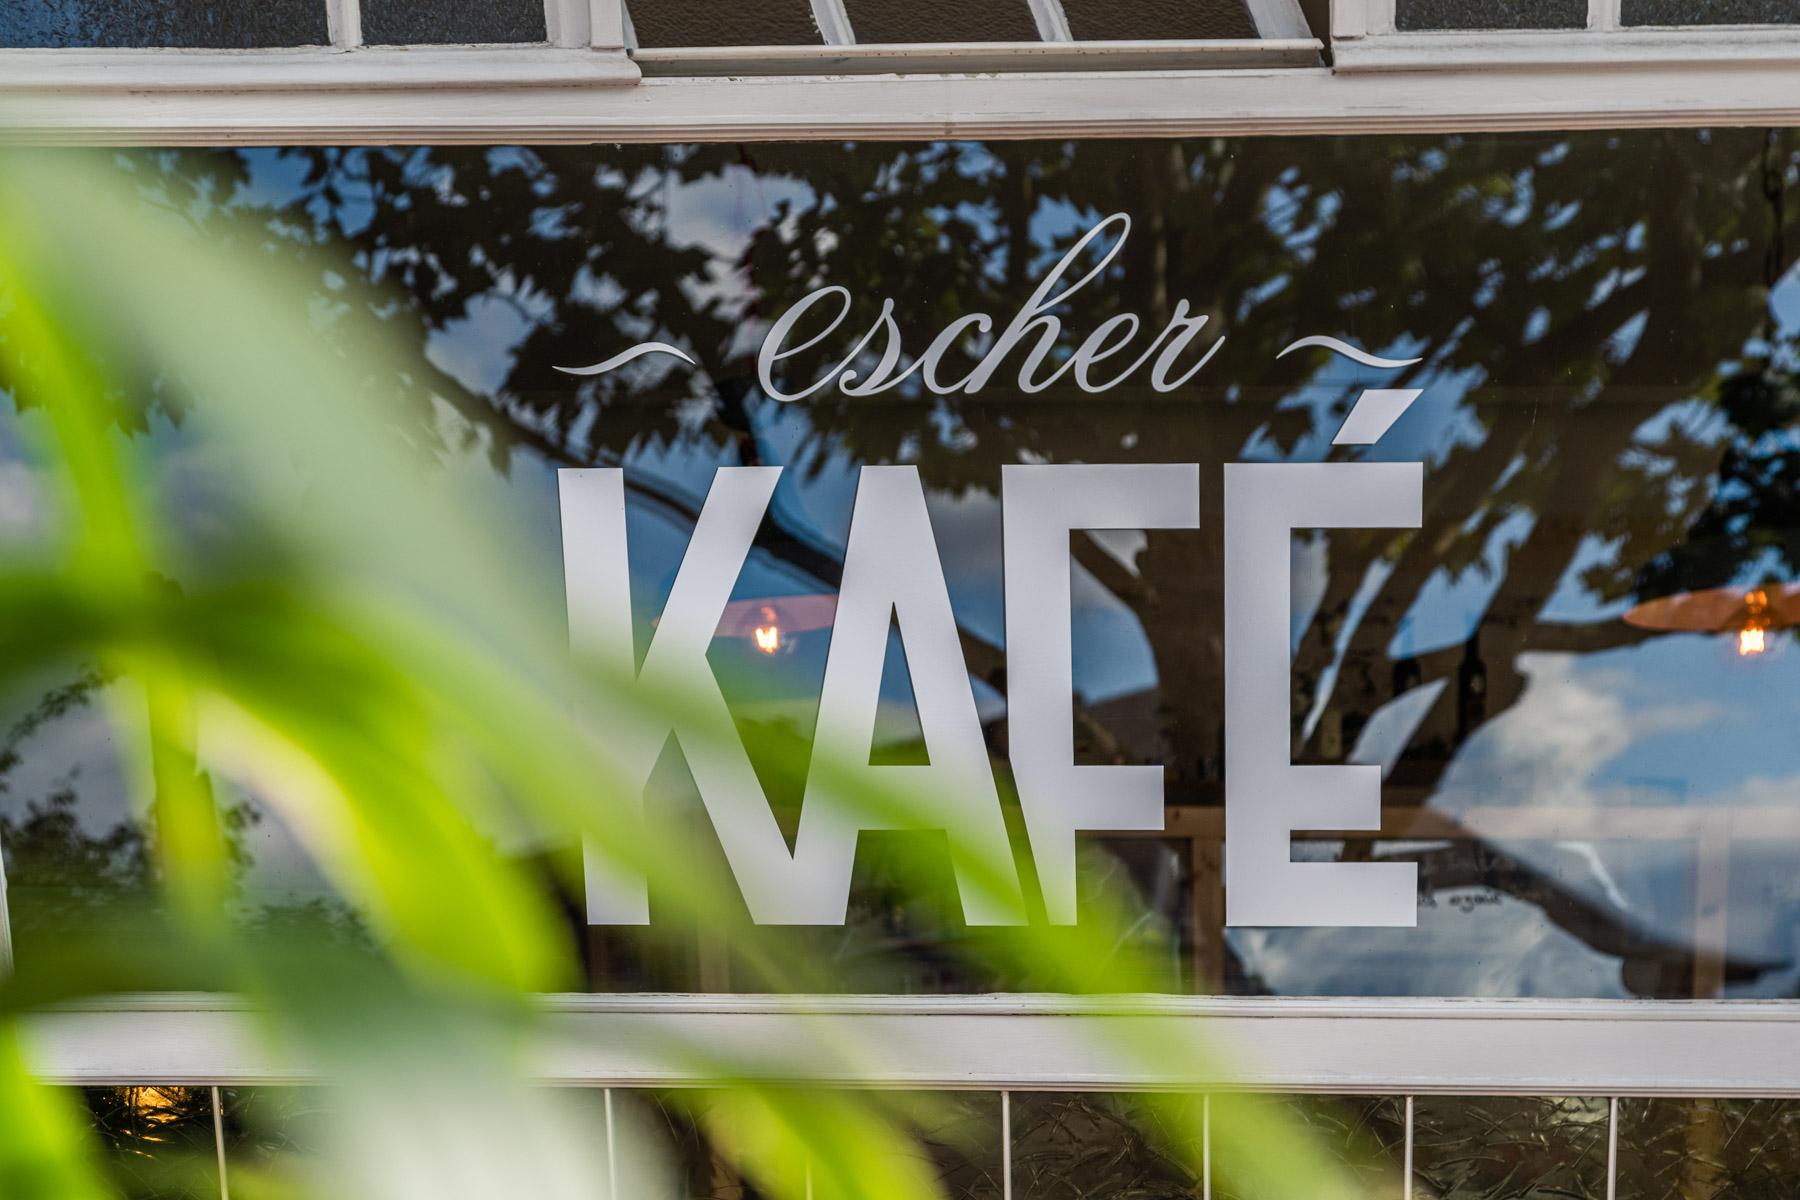 Den Escher Kafé – Alternativ & Lokal